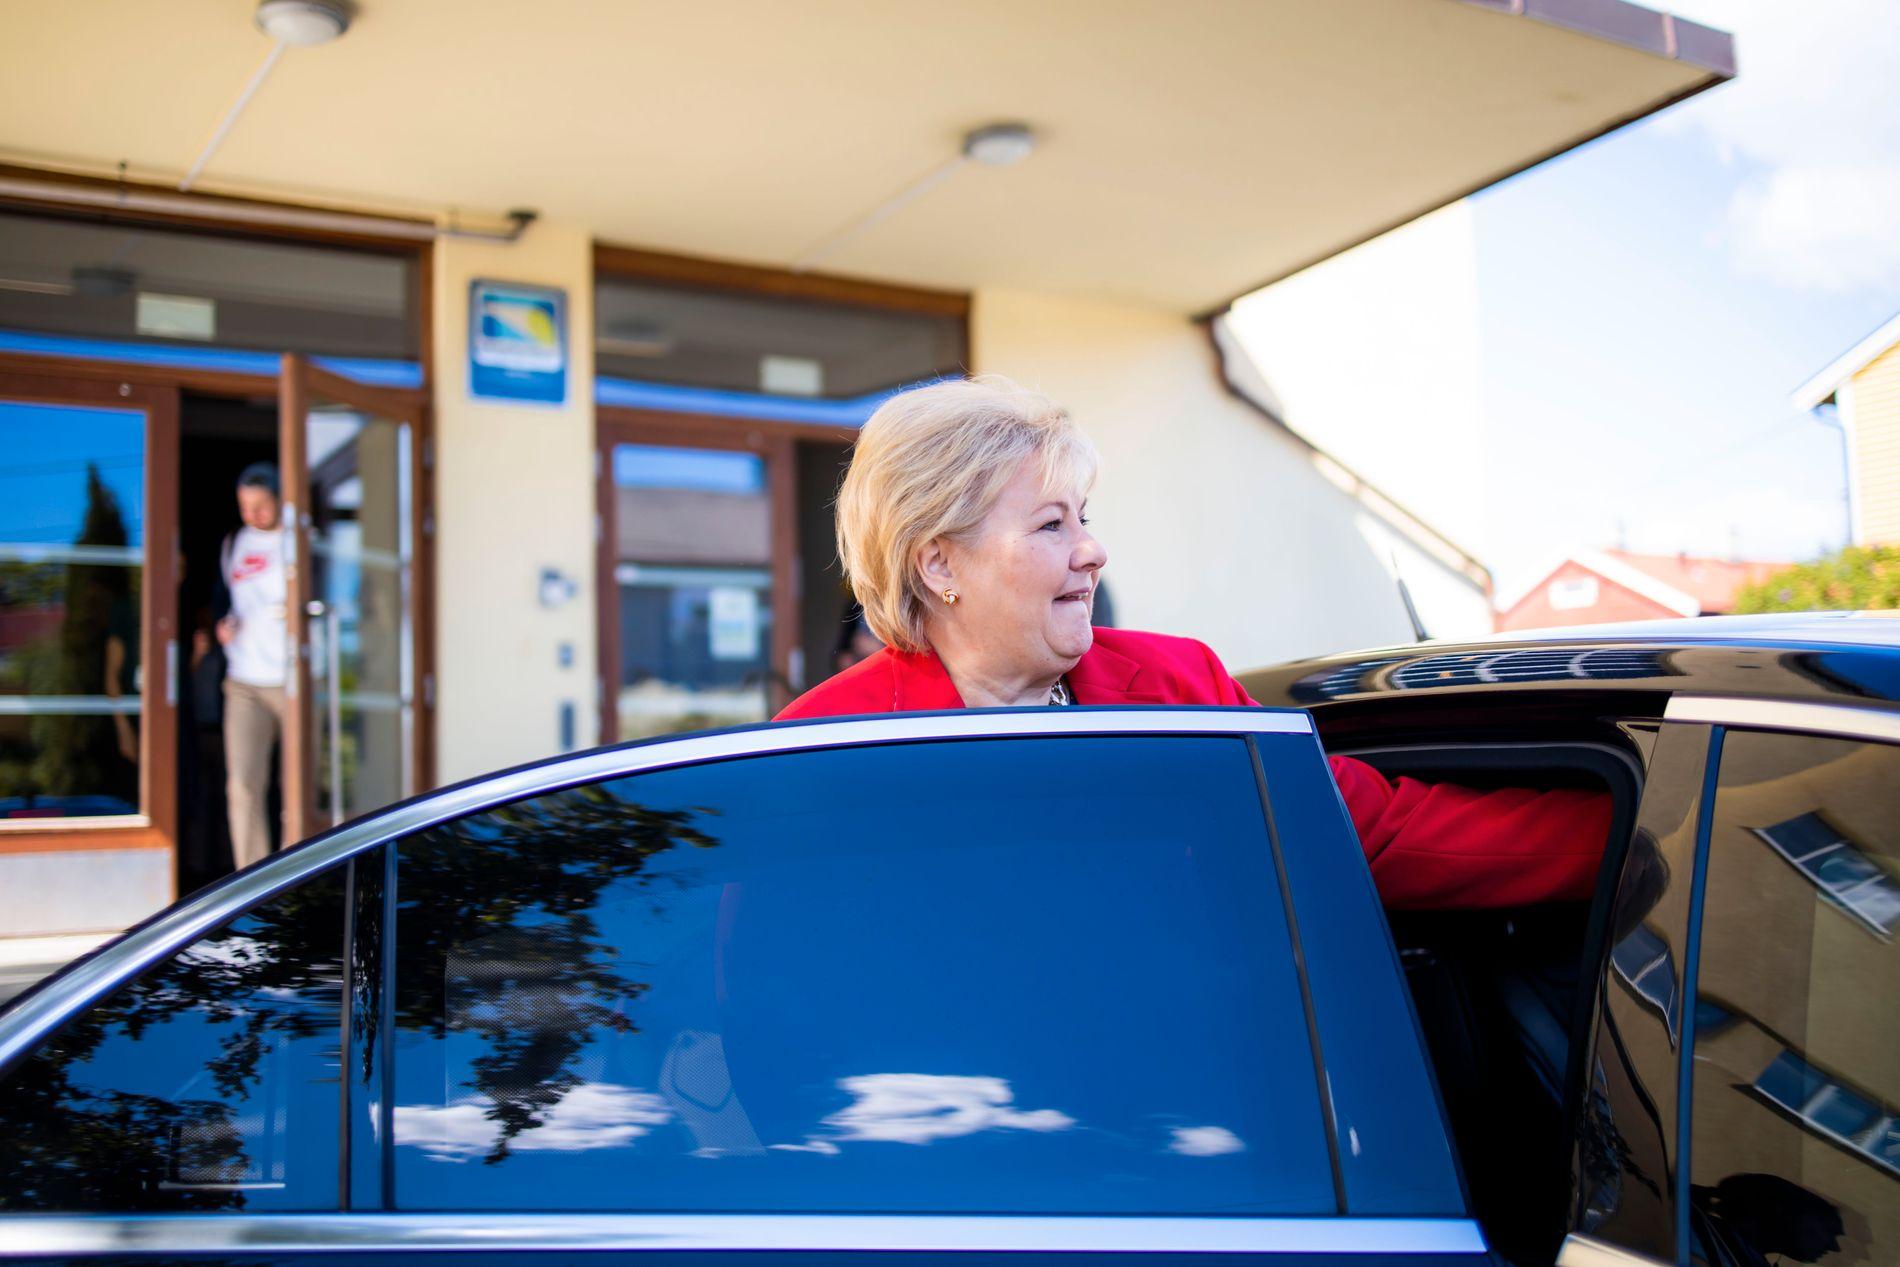 FEIL VEG: Noregs klimautslepp gjekk opp i fjor. Dermed er Erna Solberg (H) og hennar regjering er endå lengre unna å nå sine eigne klimamål, skriv BT på leiarplass.